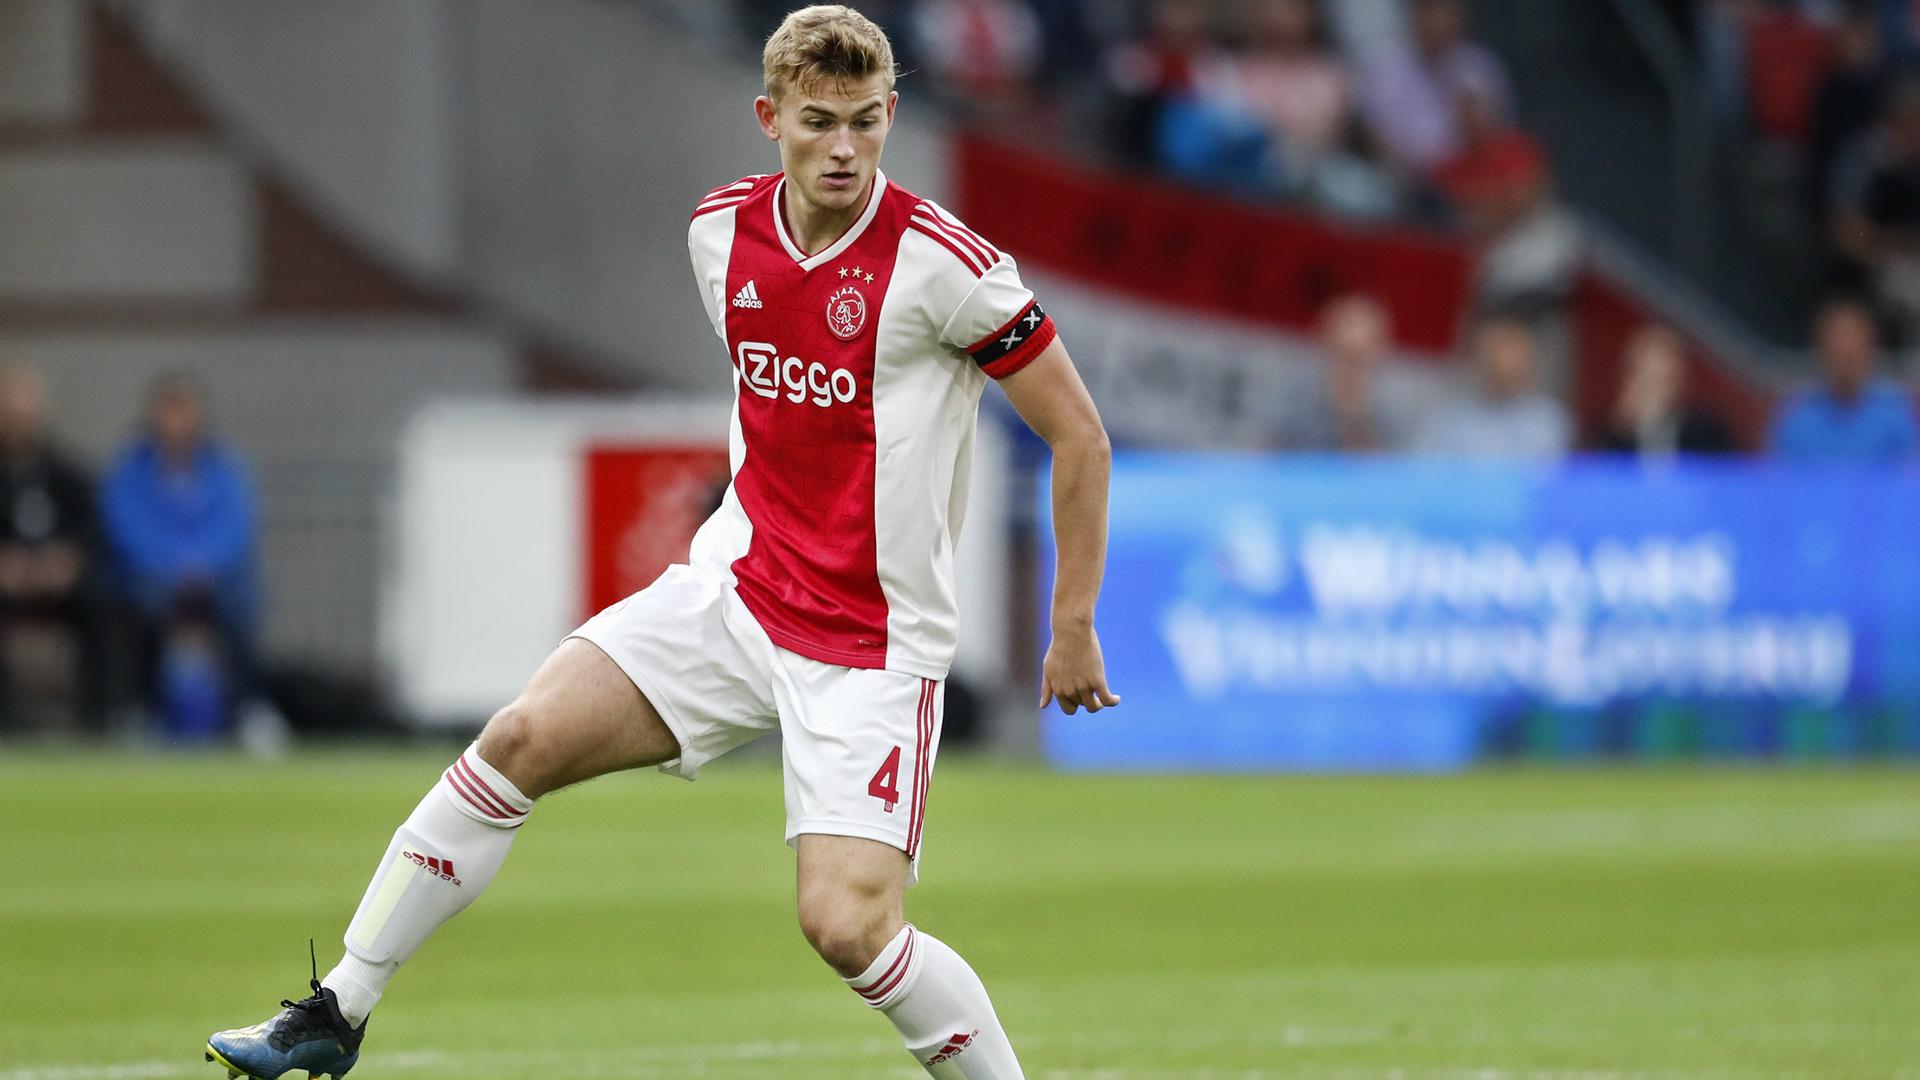 Matthijs de Ligt, Ajax, Eredivisie 08252018